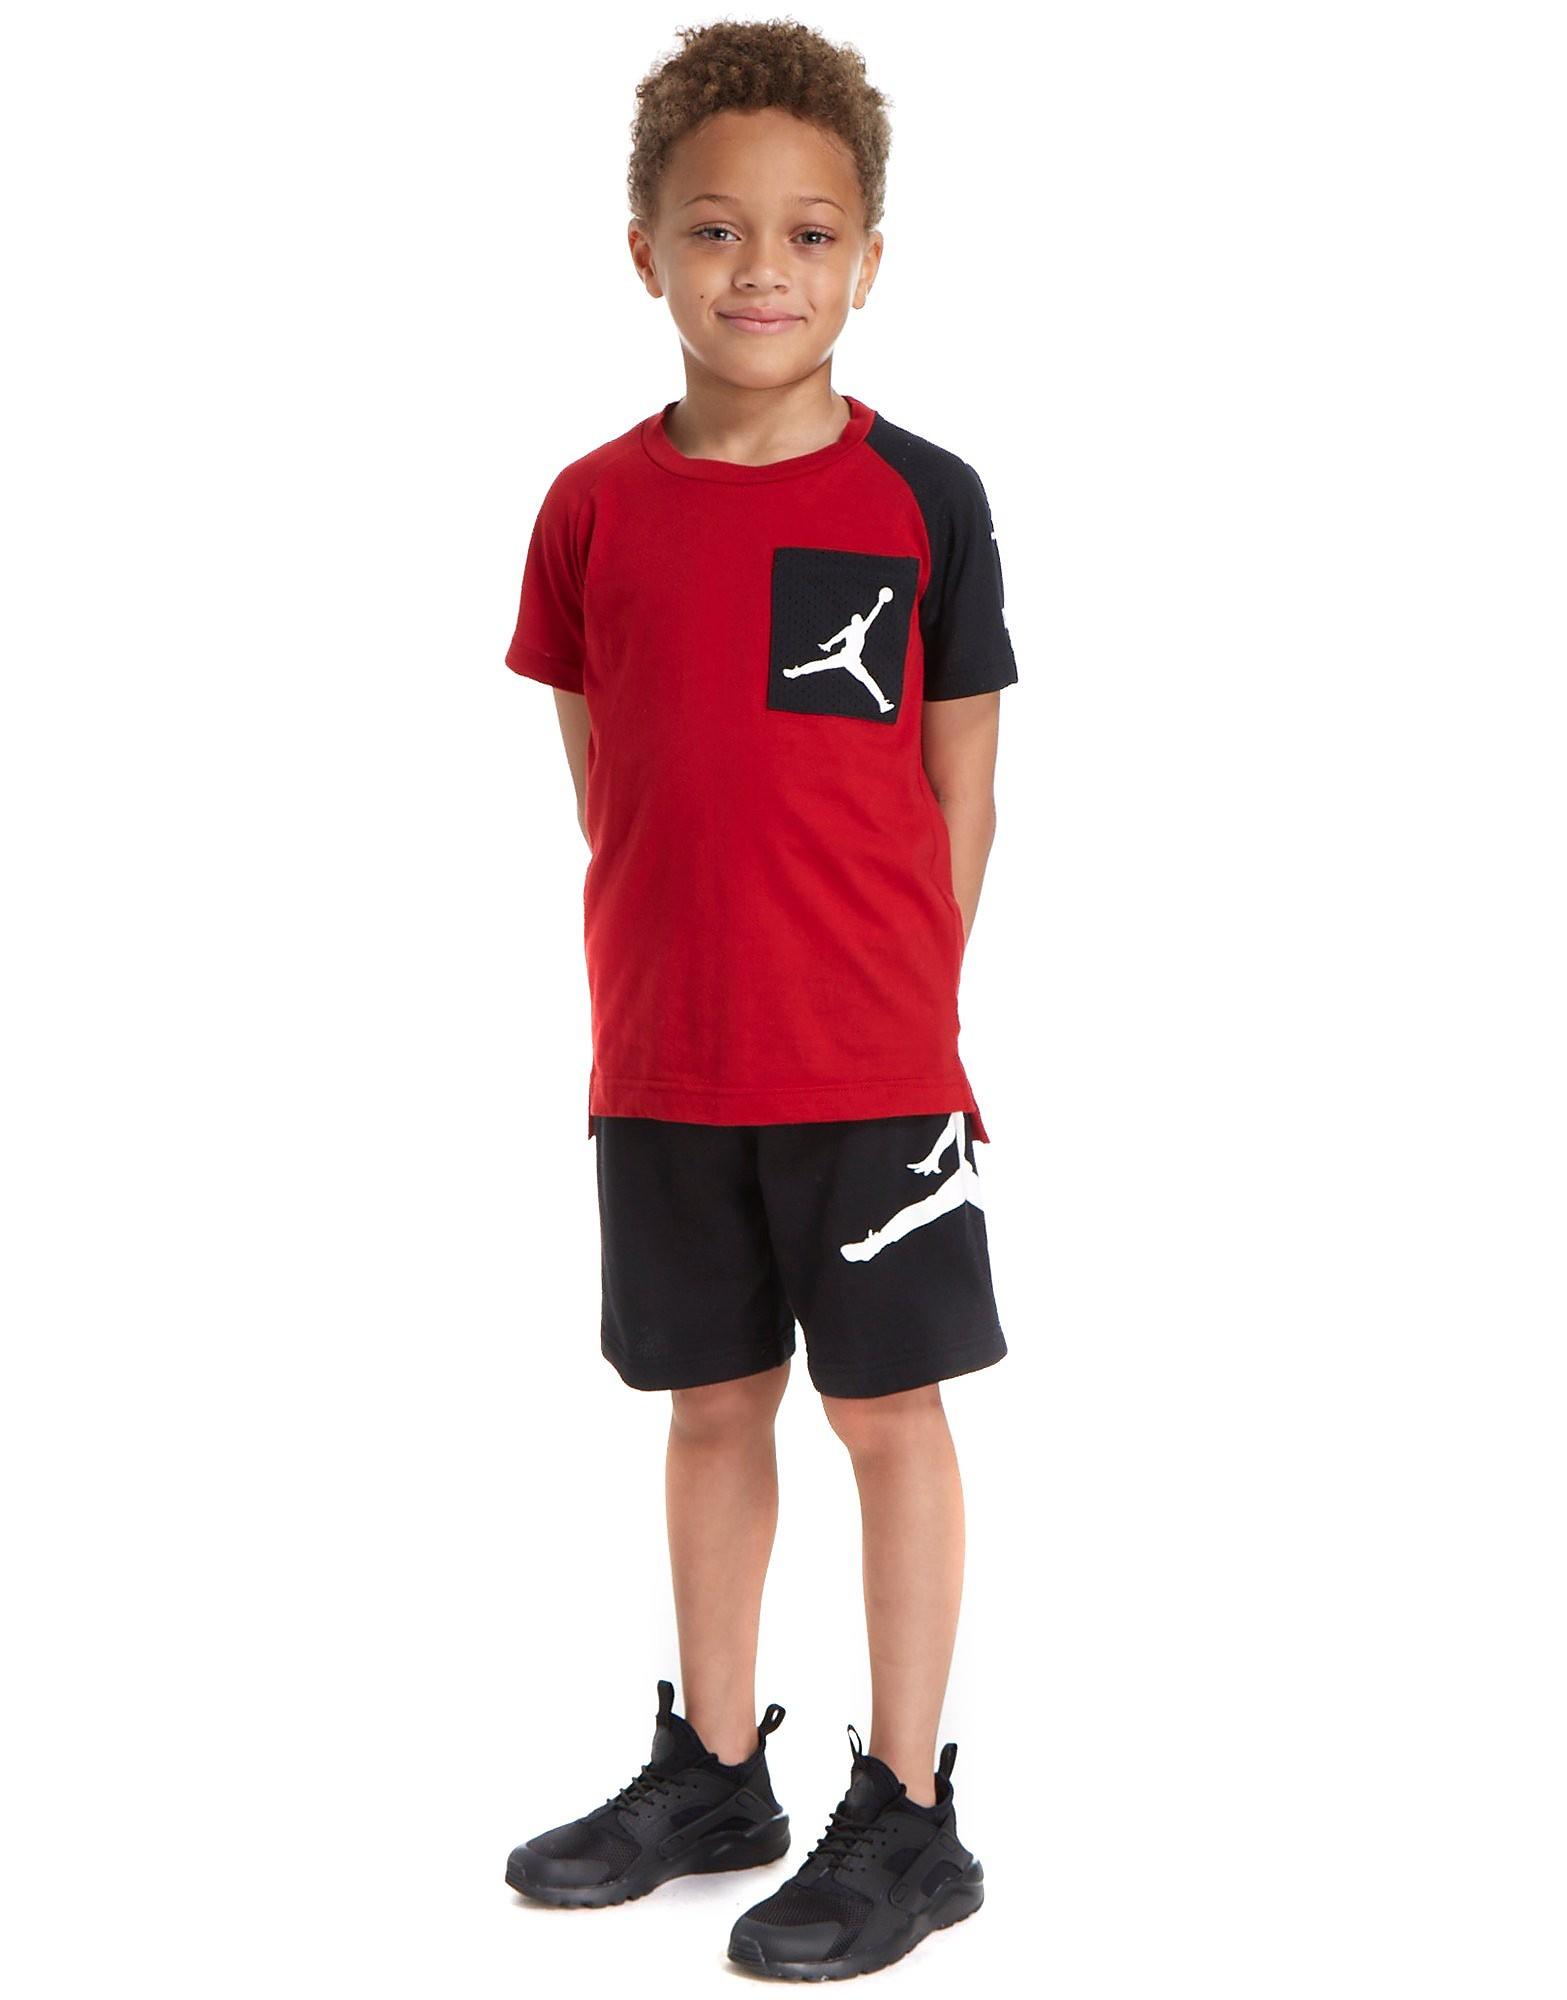 ceqrkm Kids Jordans | JD Sports